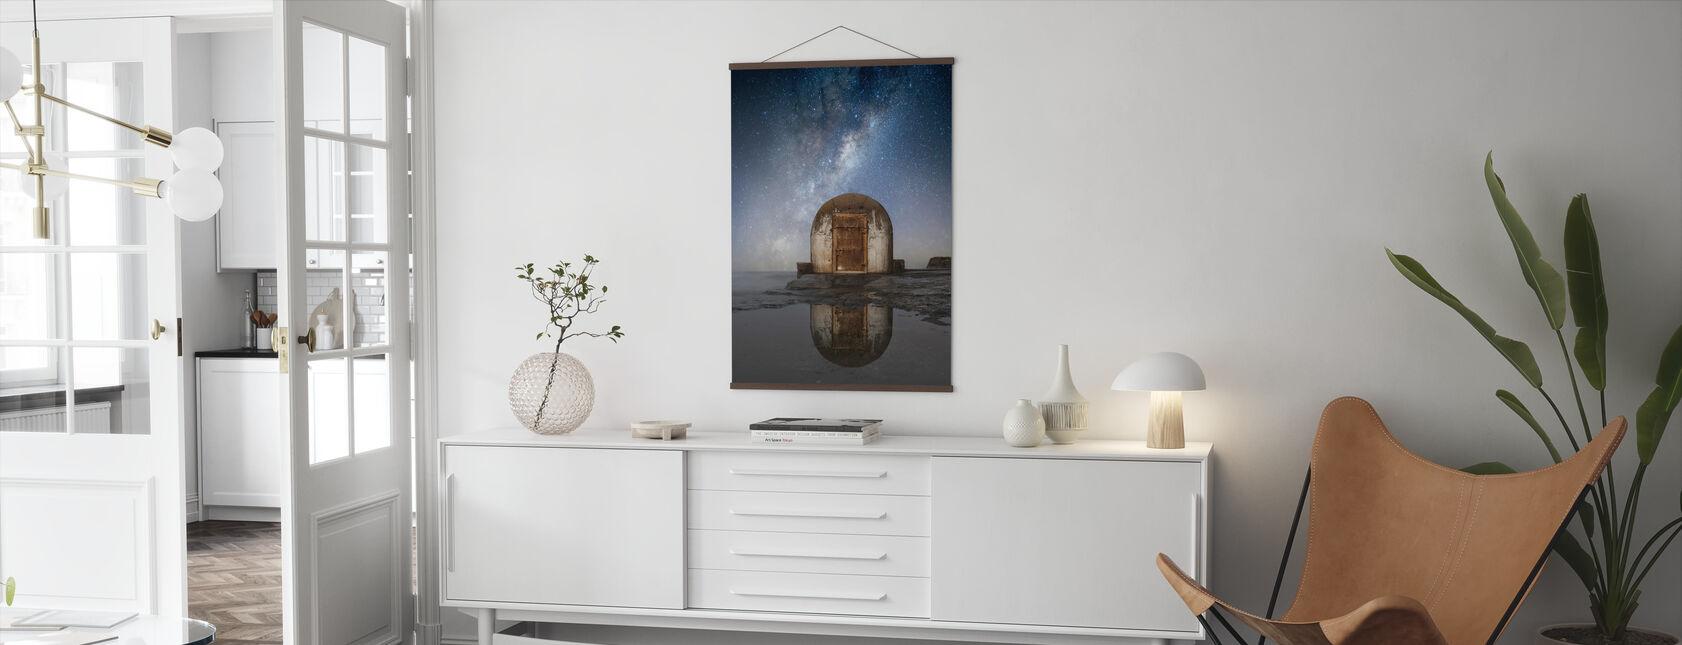 Yksinäinen mökki - Juliste - Olohuone